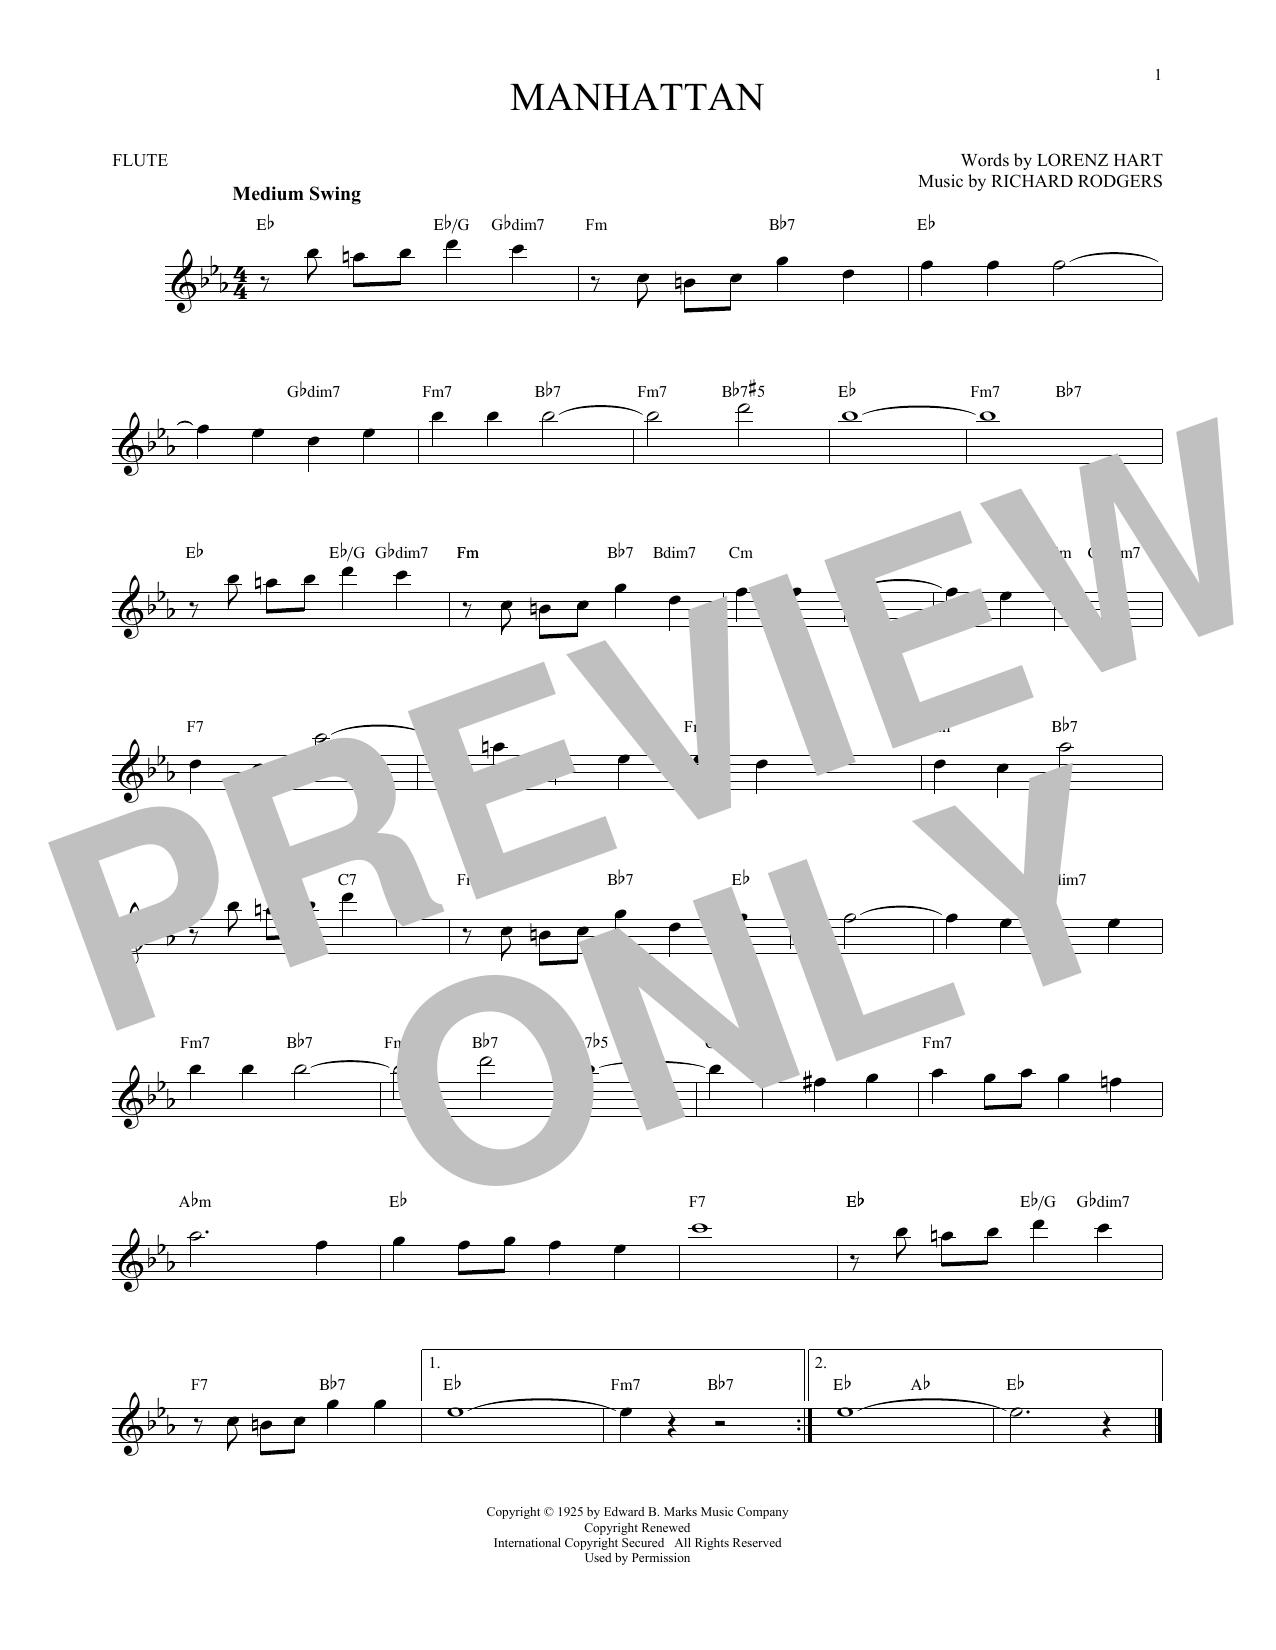 Partition flûte Manhattan de Rodgers & Hart - Flute traversiere